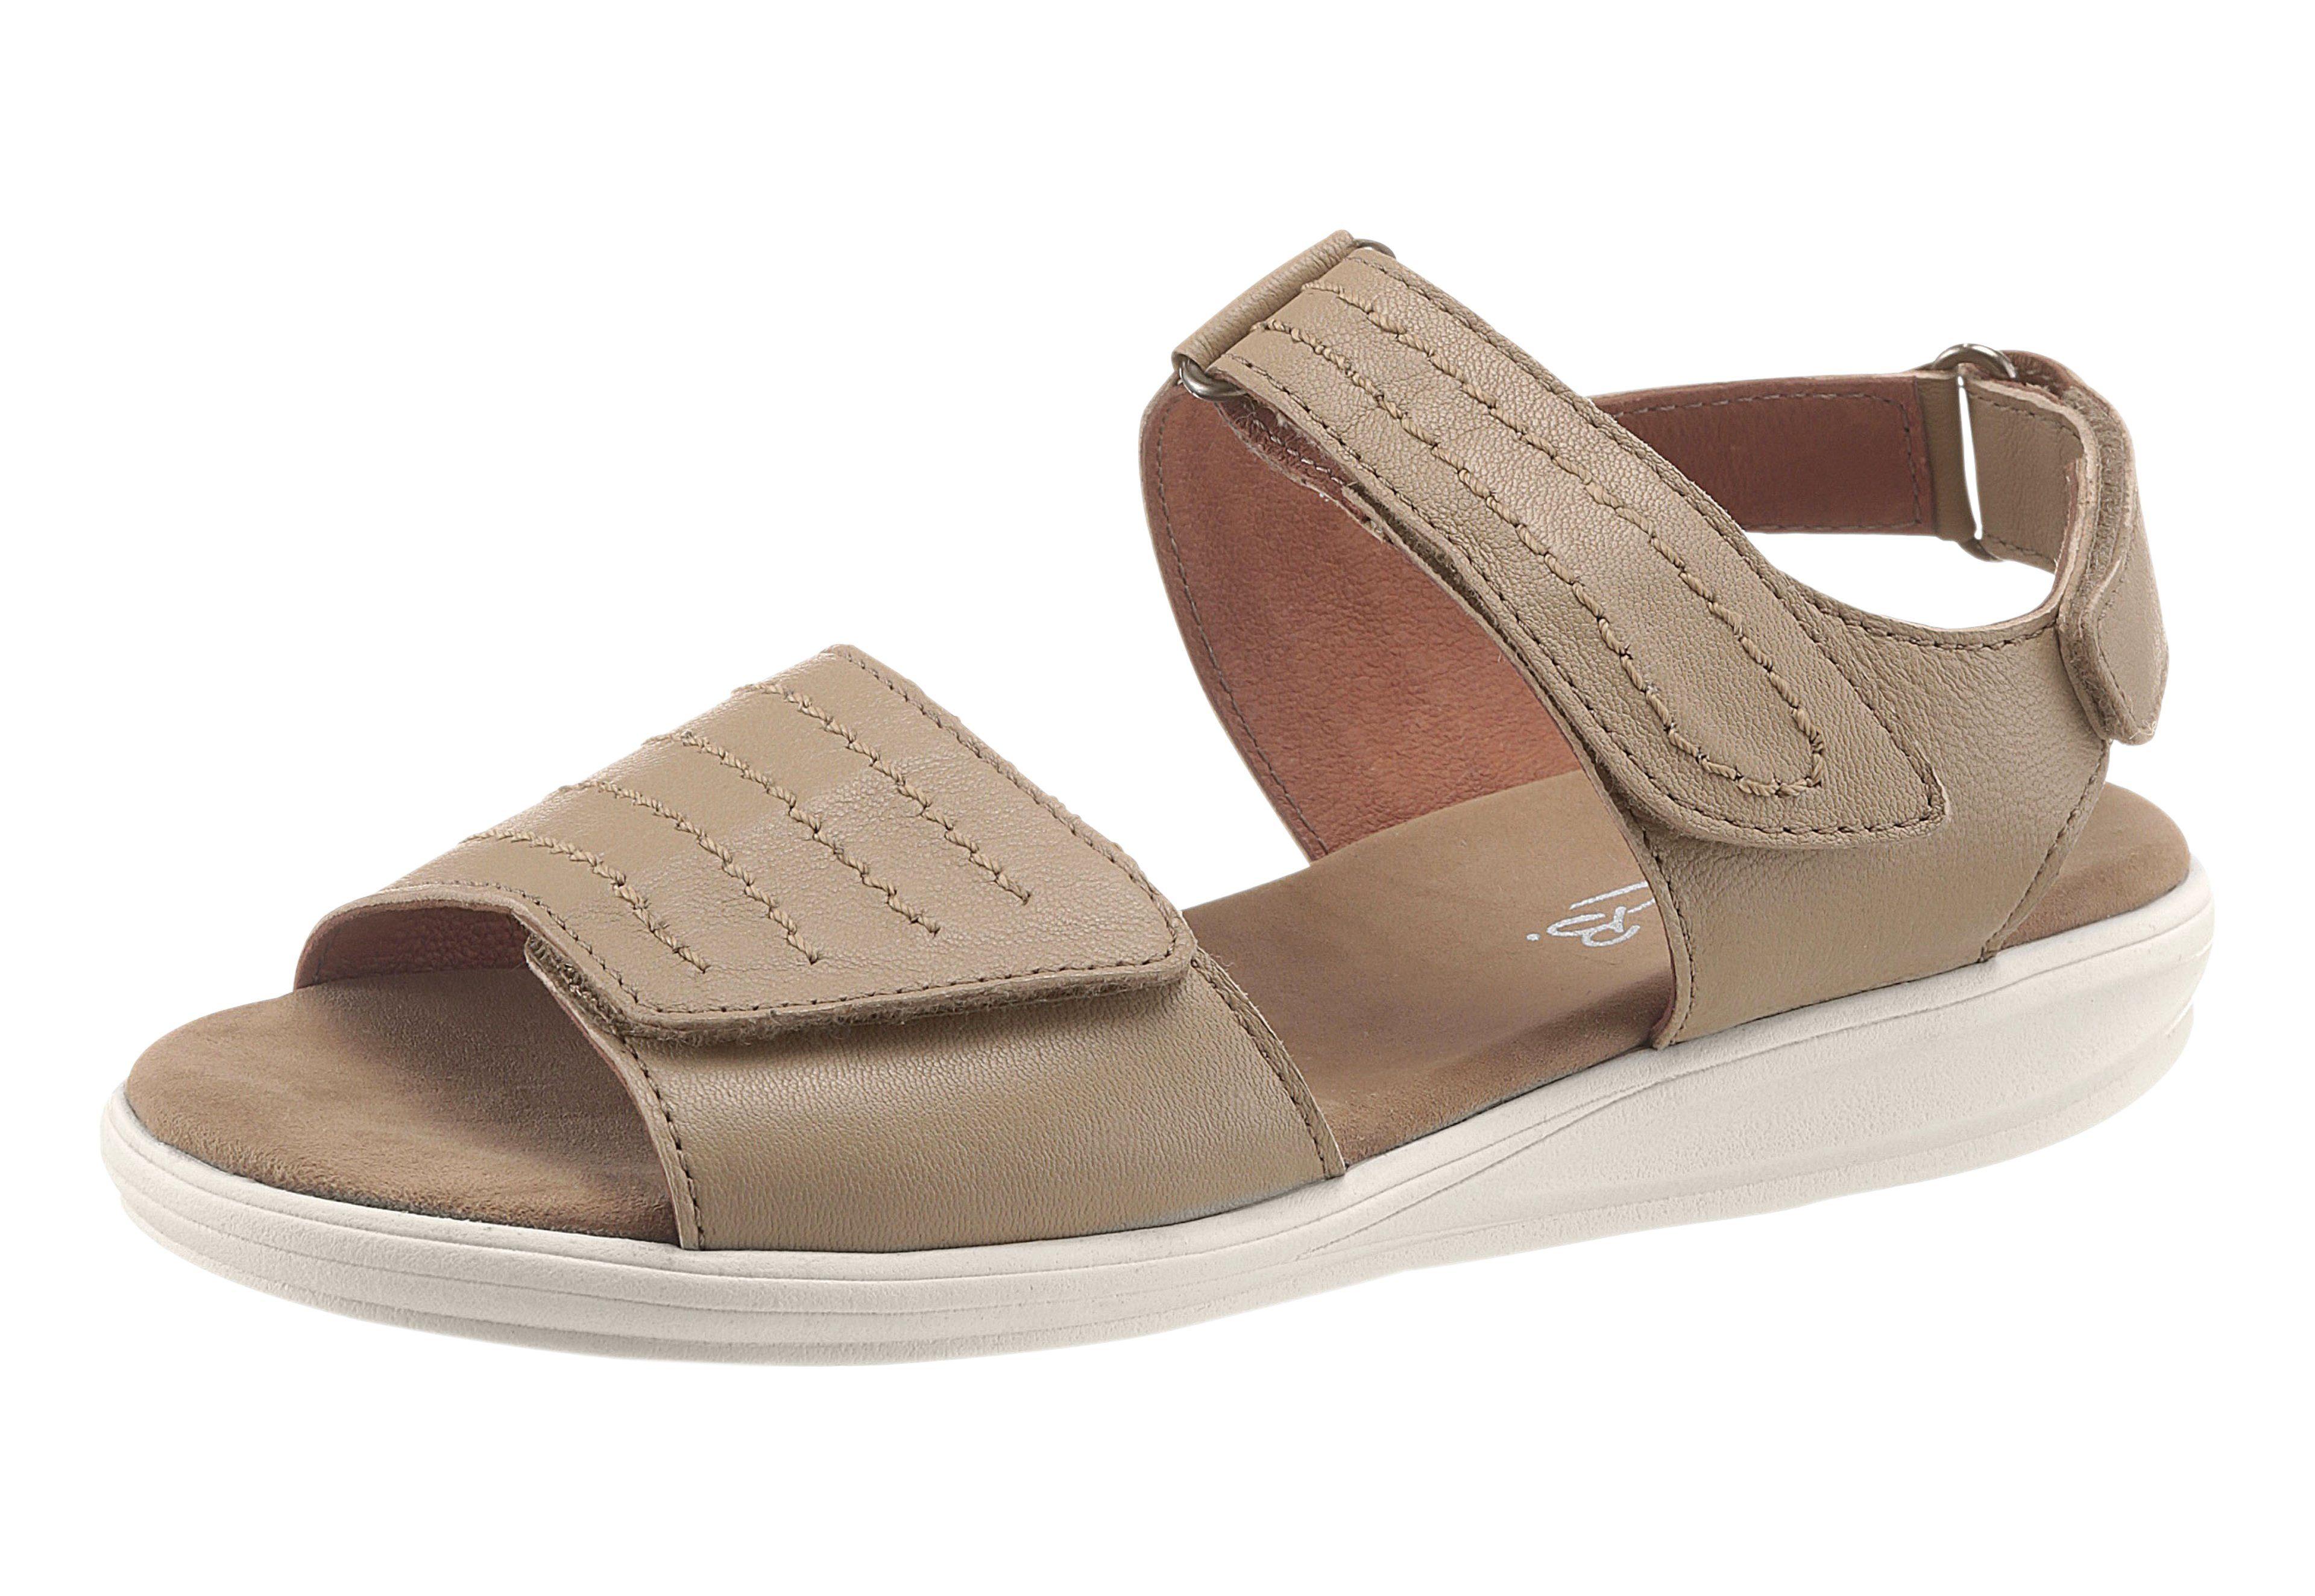 MayBe Sandale mit trittdämpfendem Fußbett kaufen  beige